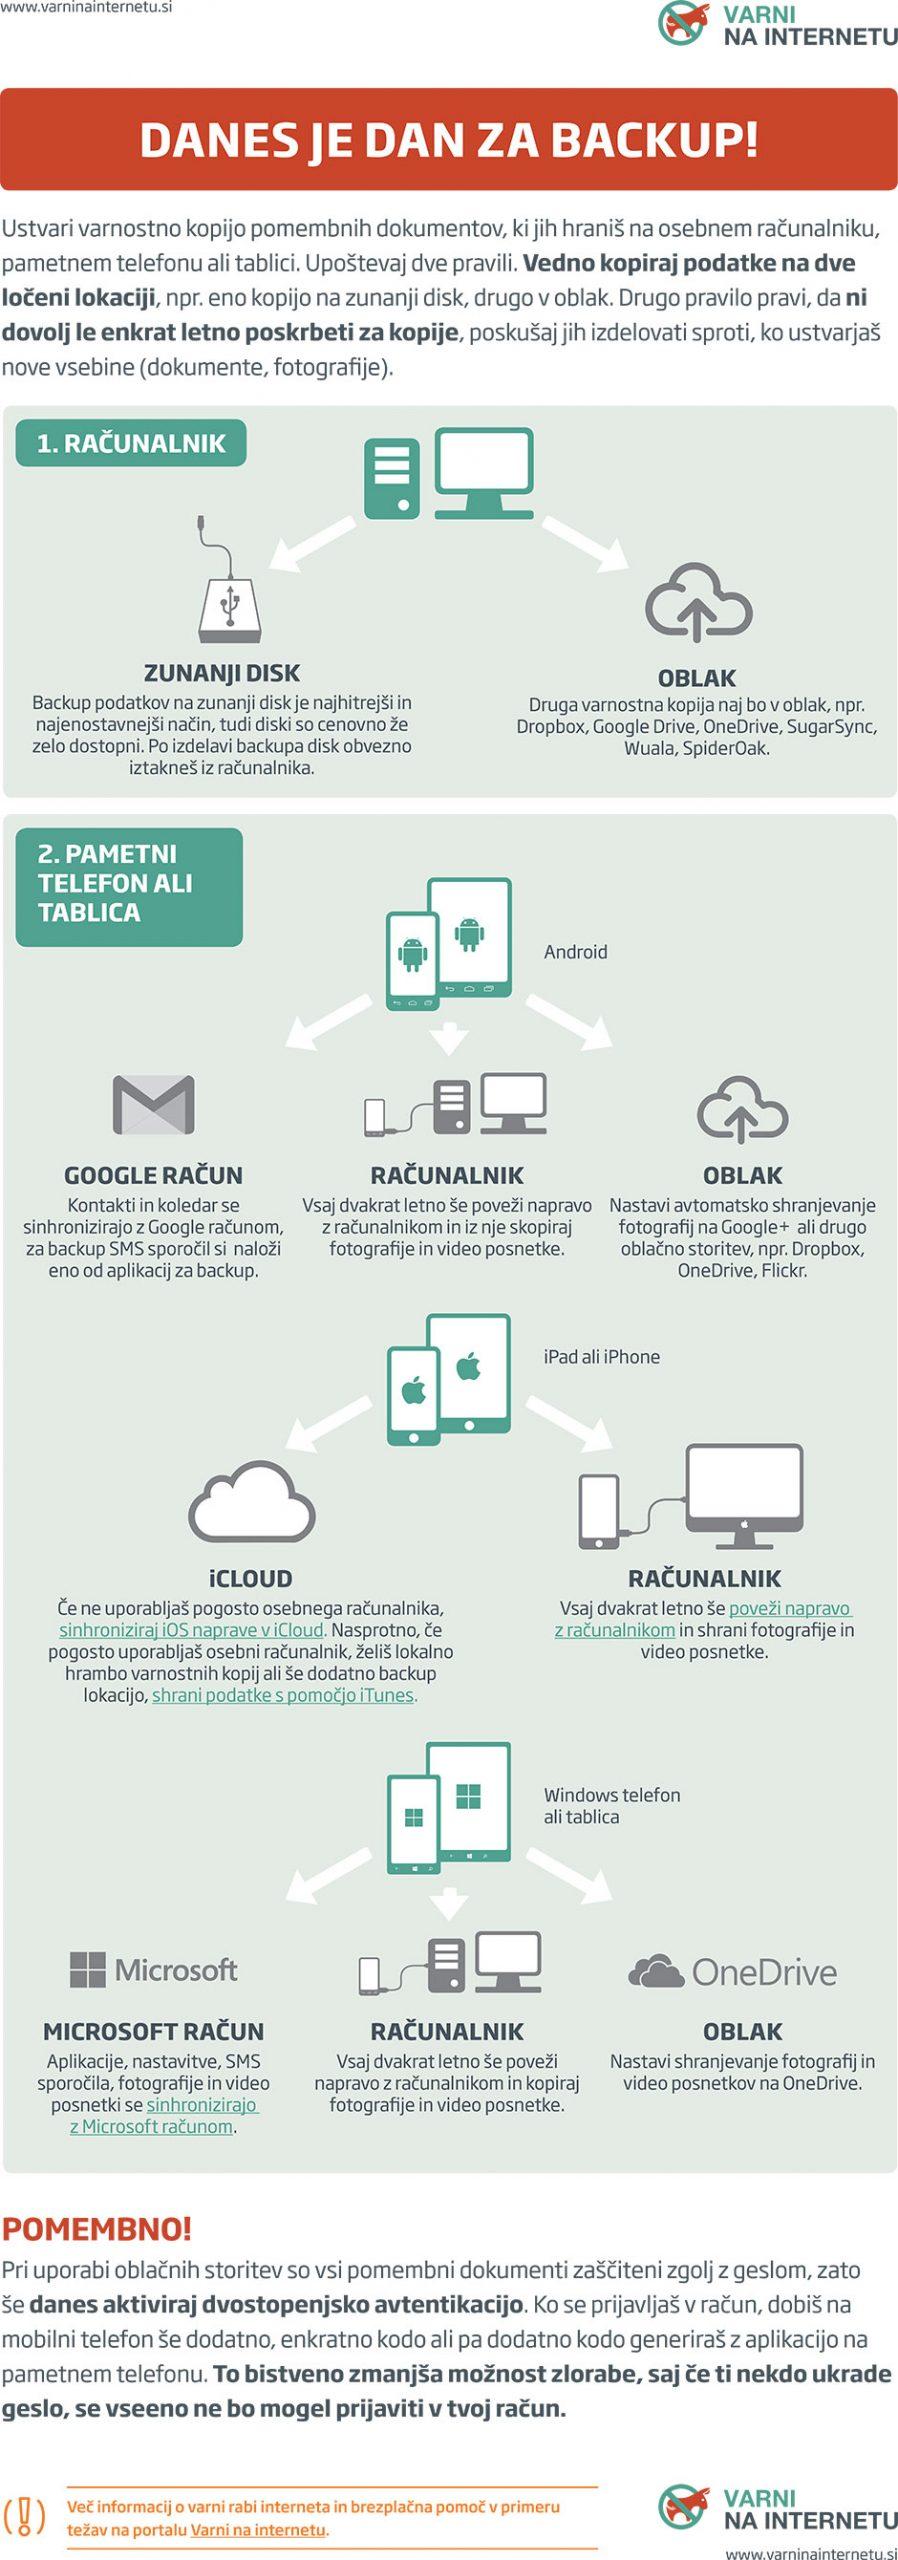 Inforgrafika, ki pojasnjuje načela ustreznega varnostnega kopiranja za vse tipe naprav (računalnike, tablice in pametne telefone) treh različnih operacijskih sistemov; Android, iOS in Widows.